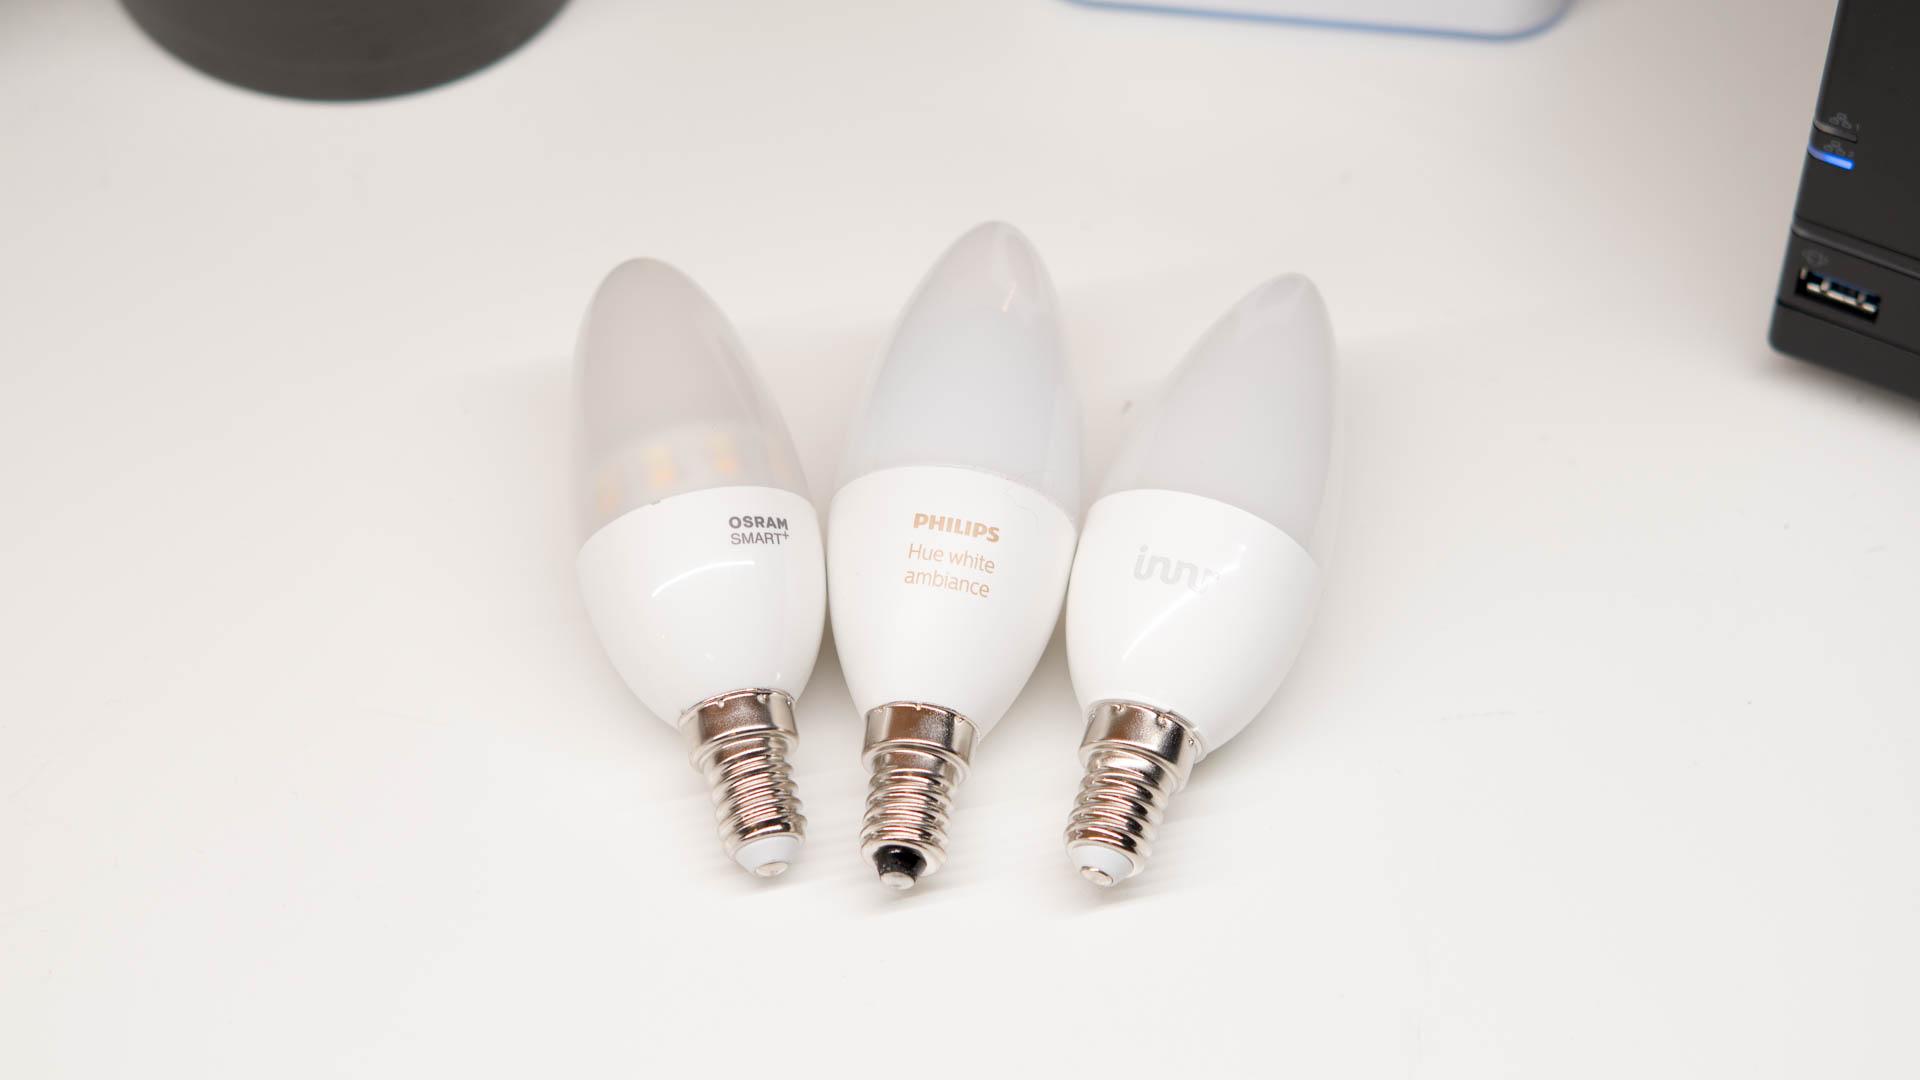 Vergleich E14 Alternative Für Im Hue System Das Philips Glühbirnen jqUzGLVpSM